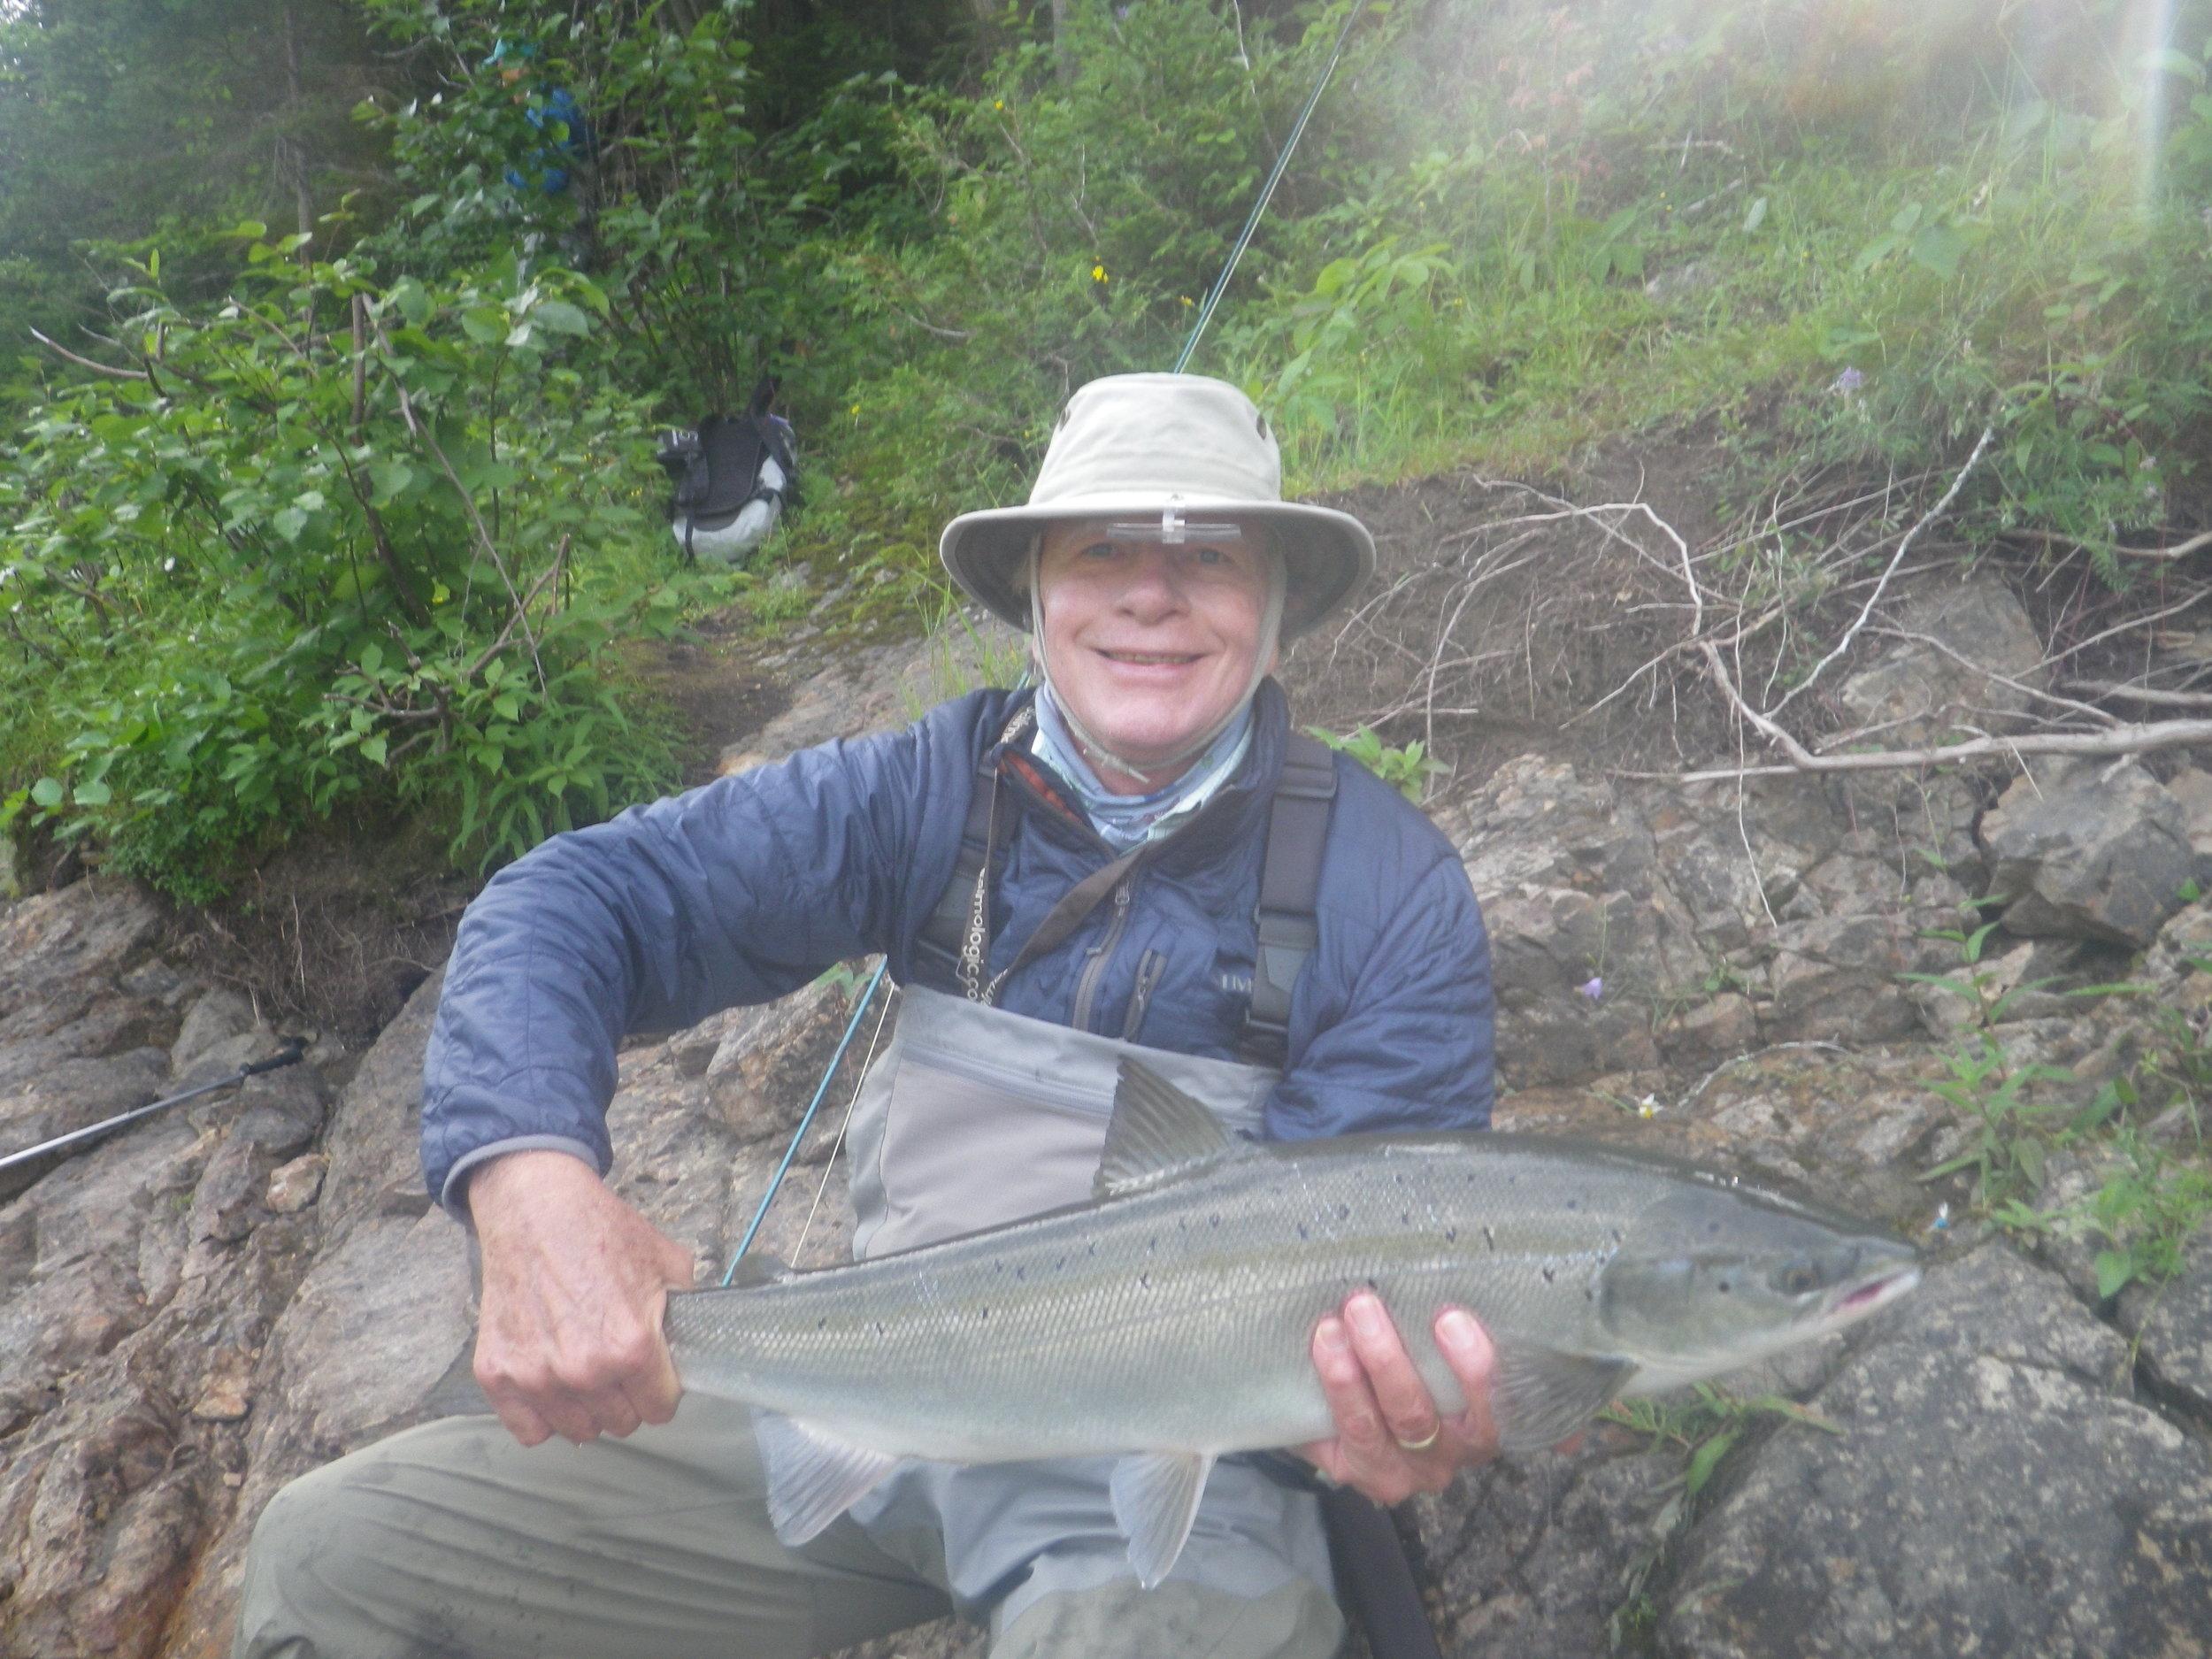 Stewart Seibens est un client du Camp Bonaventure depuis longtemps.Le voici avec son premier saumon de la saison 2019. Félicitations, Stewart!